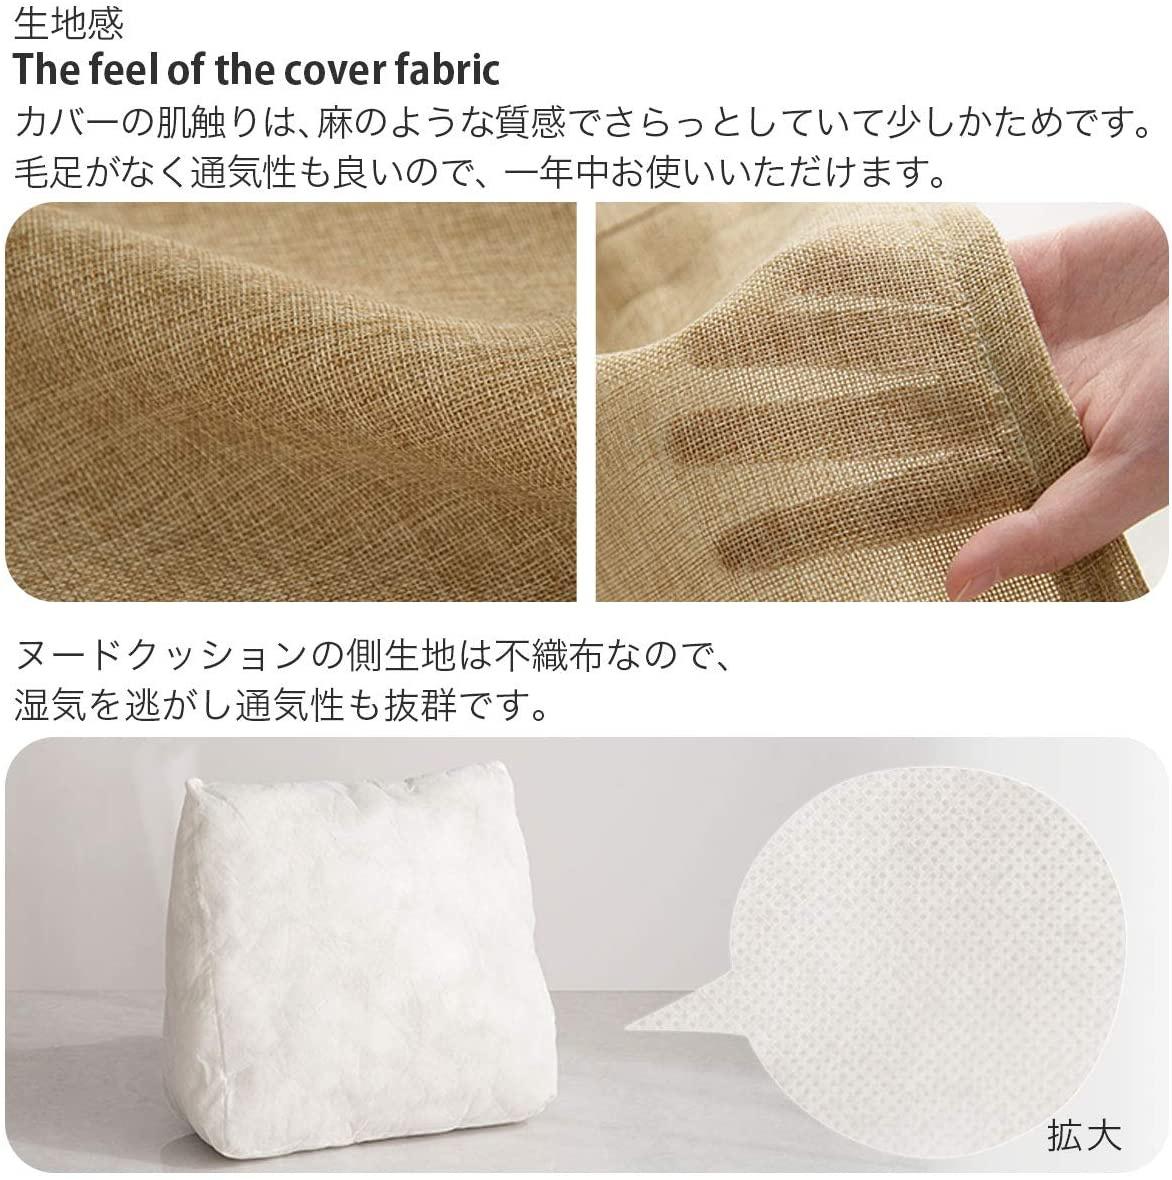 ぼん家具 三角クッションの商品画像5